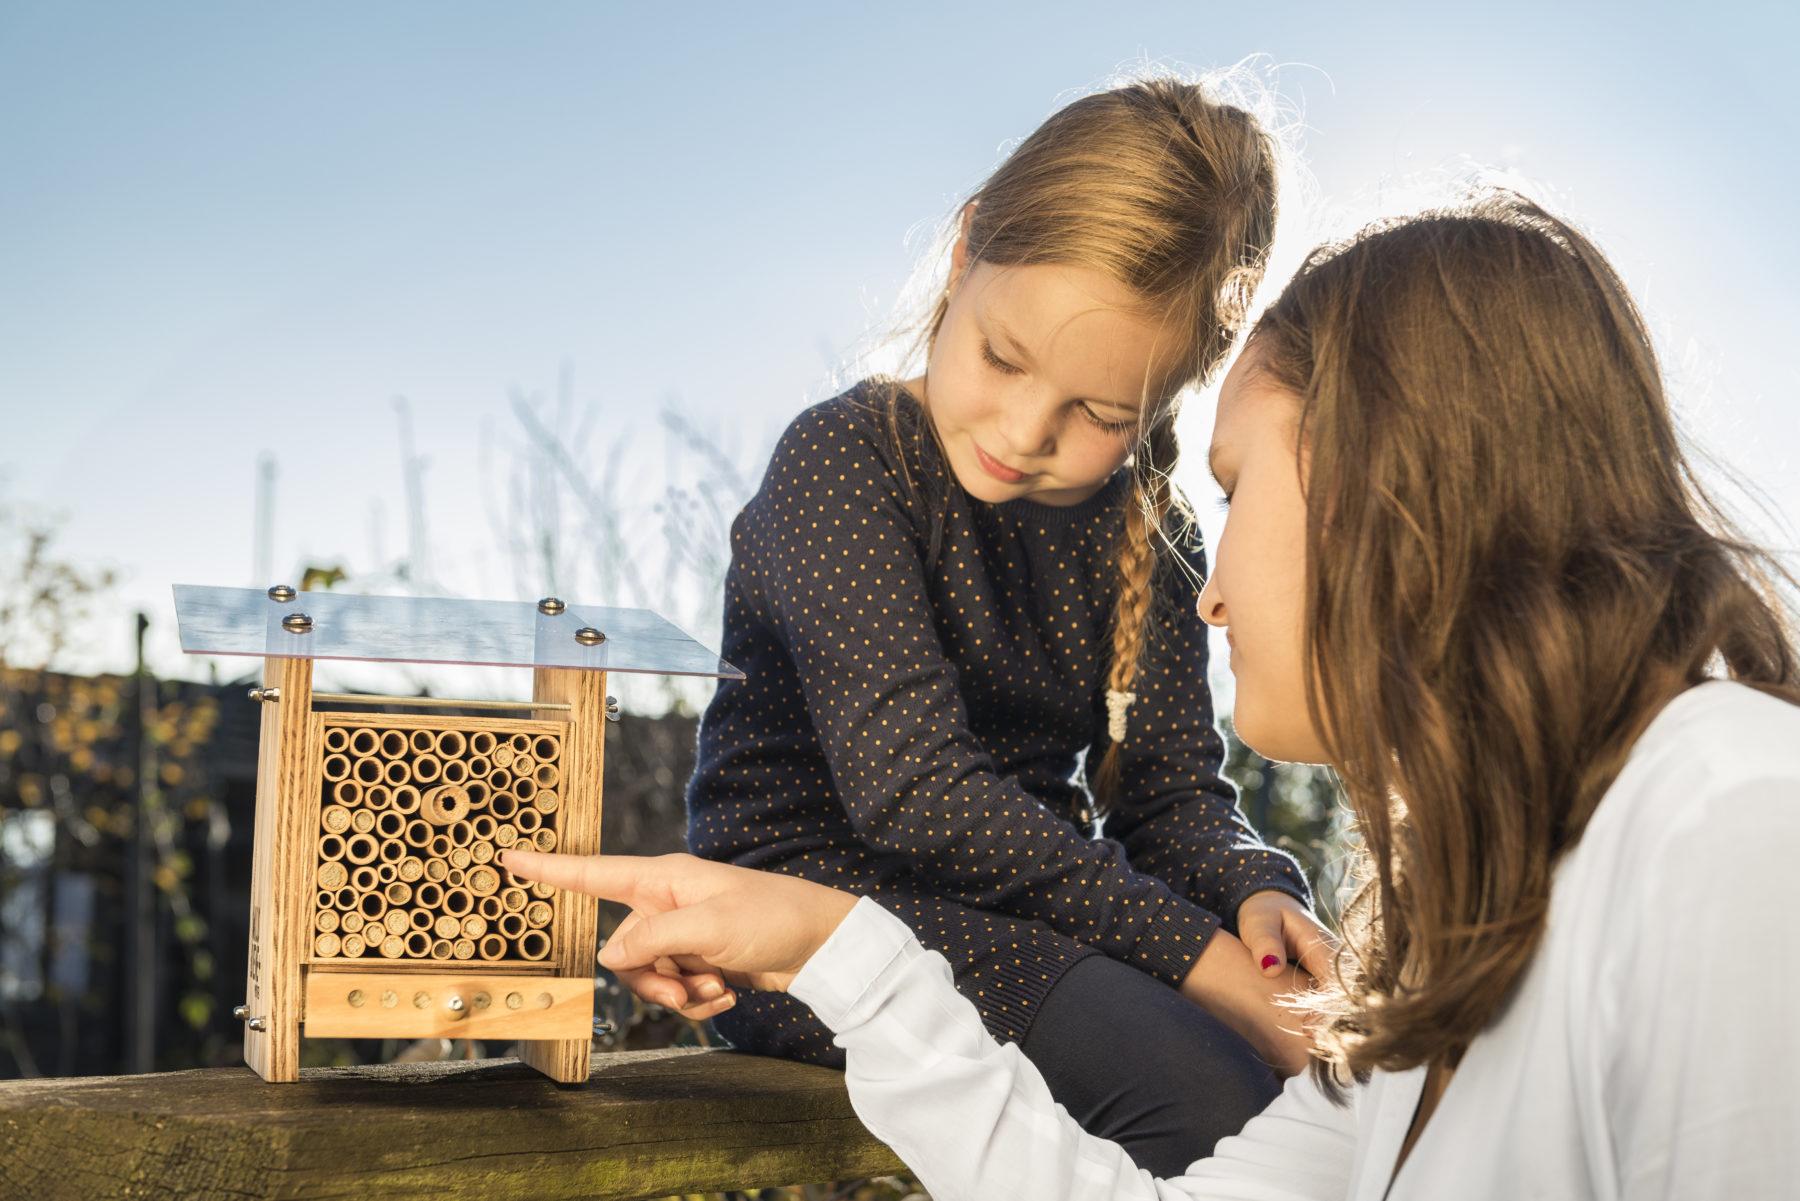 une ruche la maison pour sauver les abeilles radio lfm. Black Bedroom Furniture Sets. Home Design Ideas